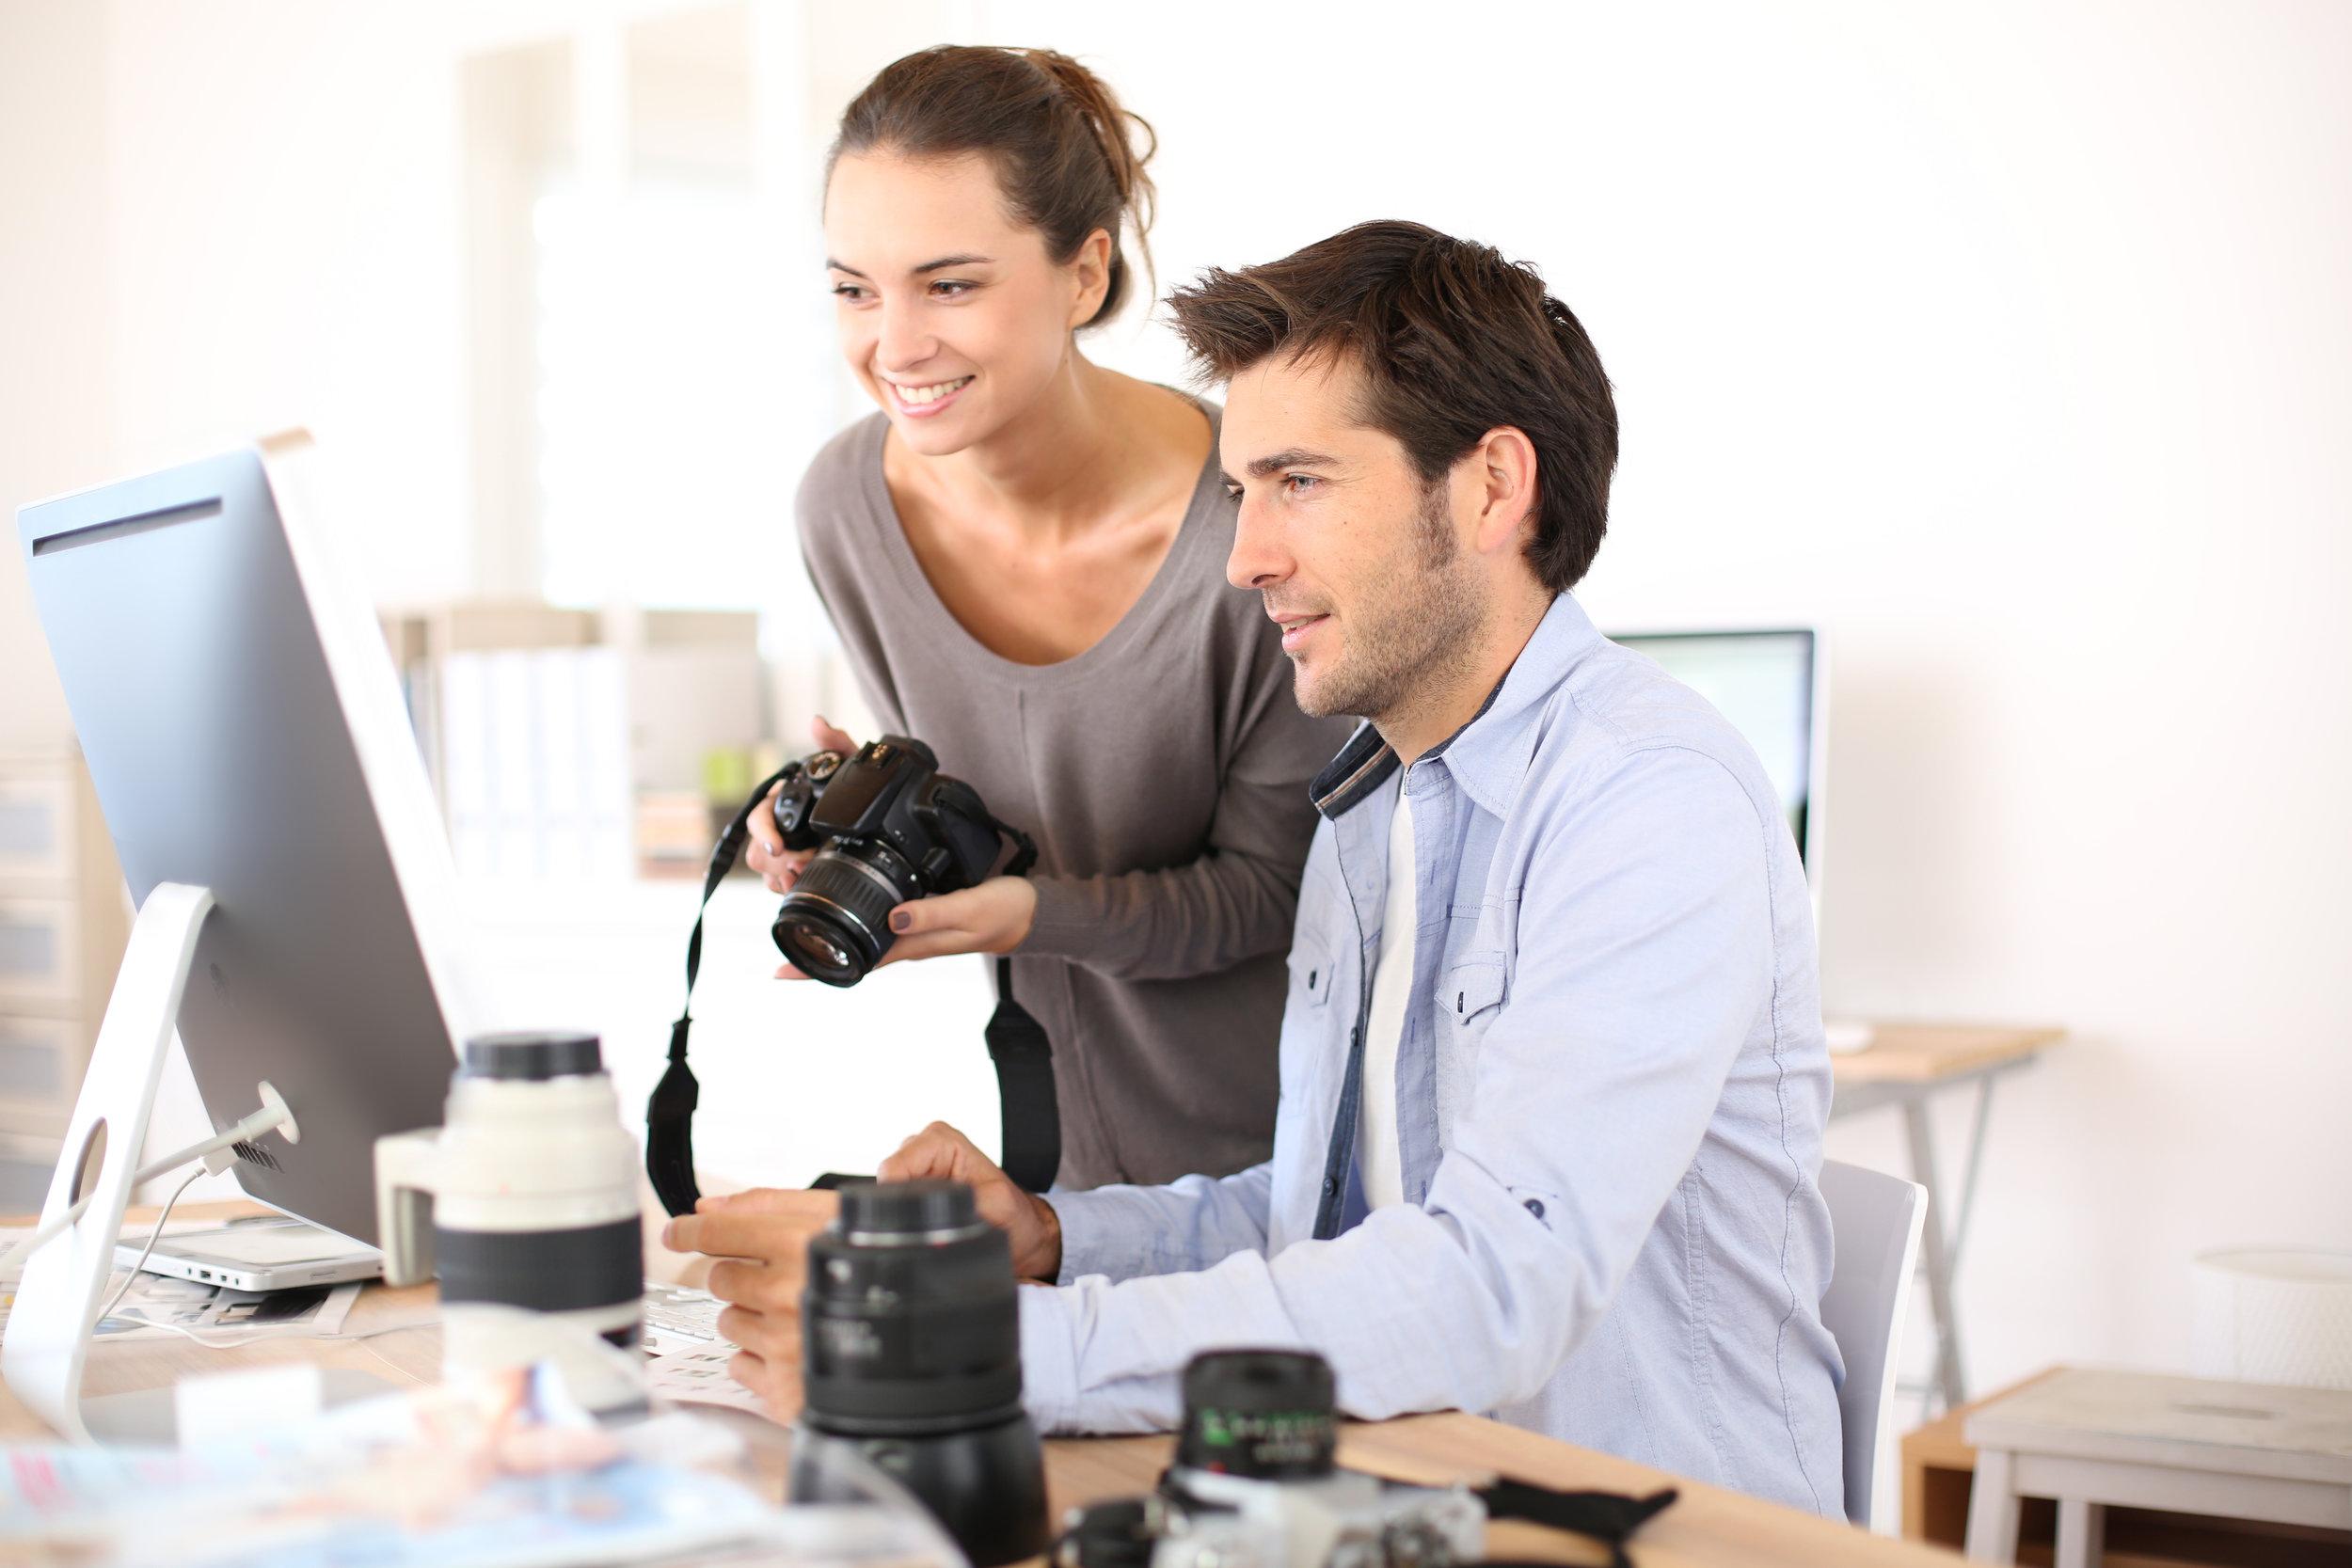 LIK Diplomlehrgang Mediendesign